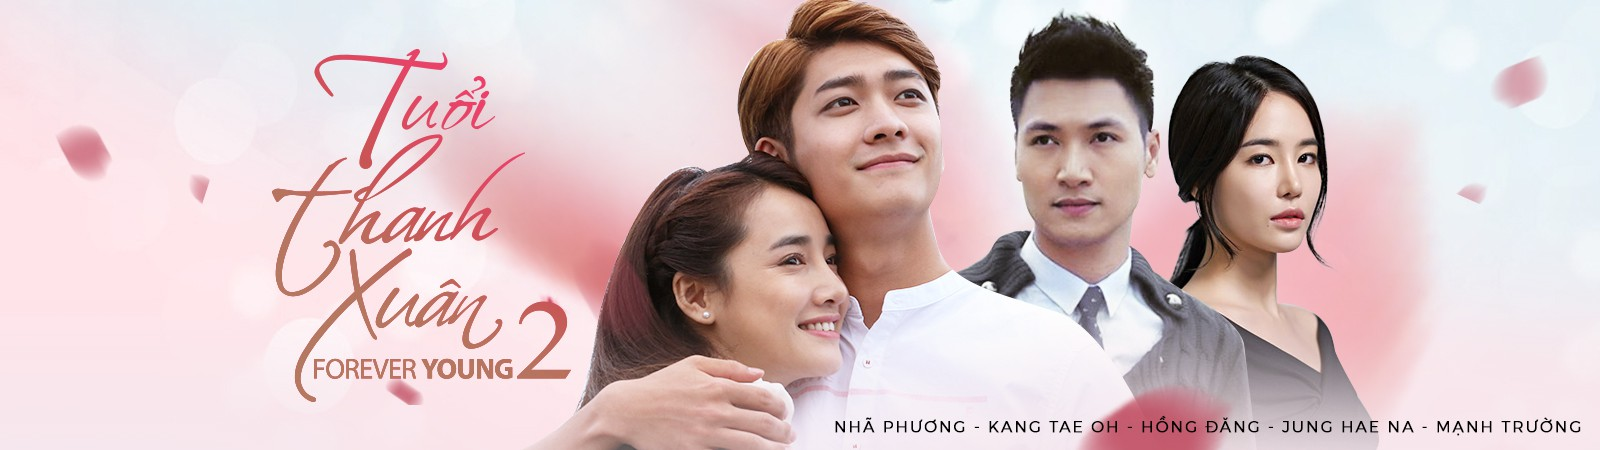 Đây là 5 bộ phim đã làm thay da đổi thịt phim truyền hình Việt Nam trong mắt khán giả! - Ảnh 10.